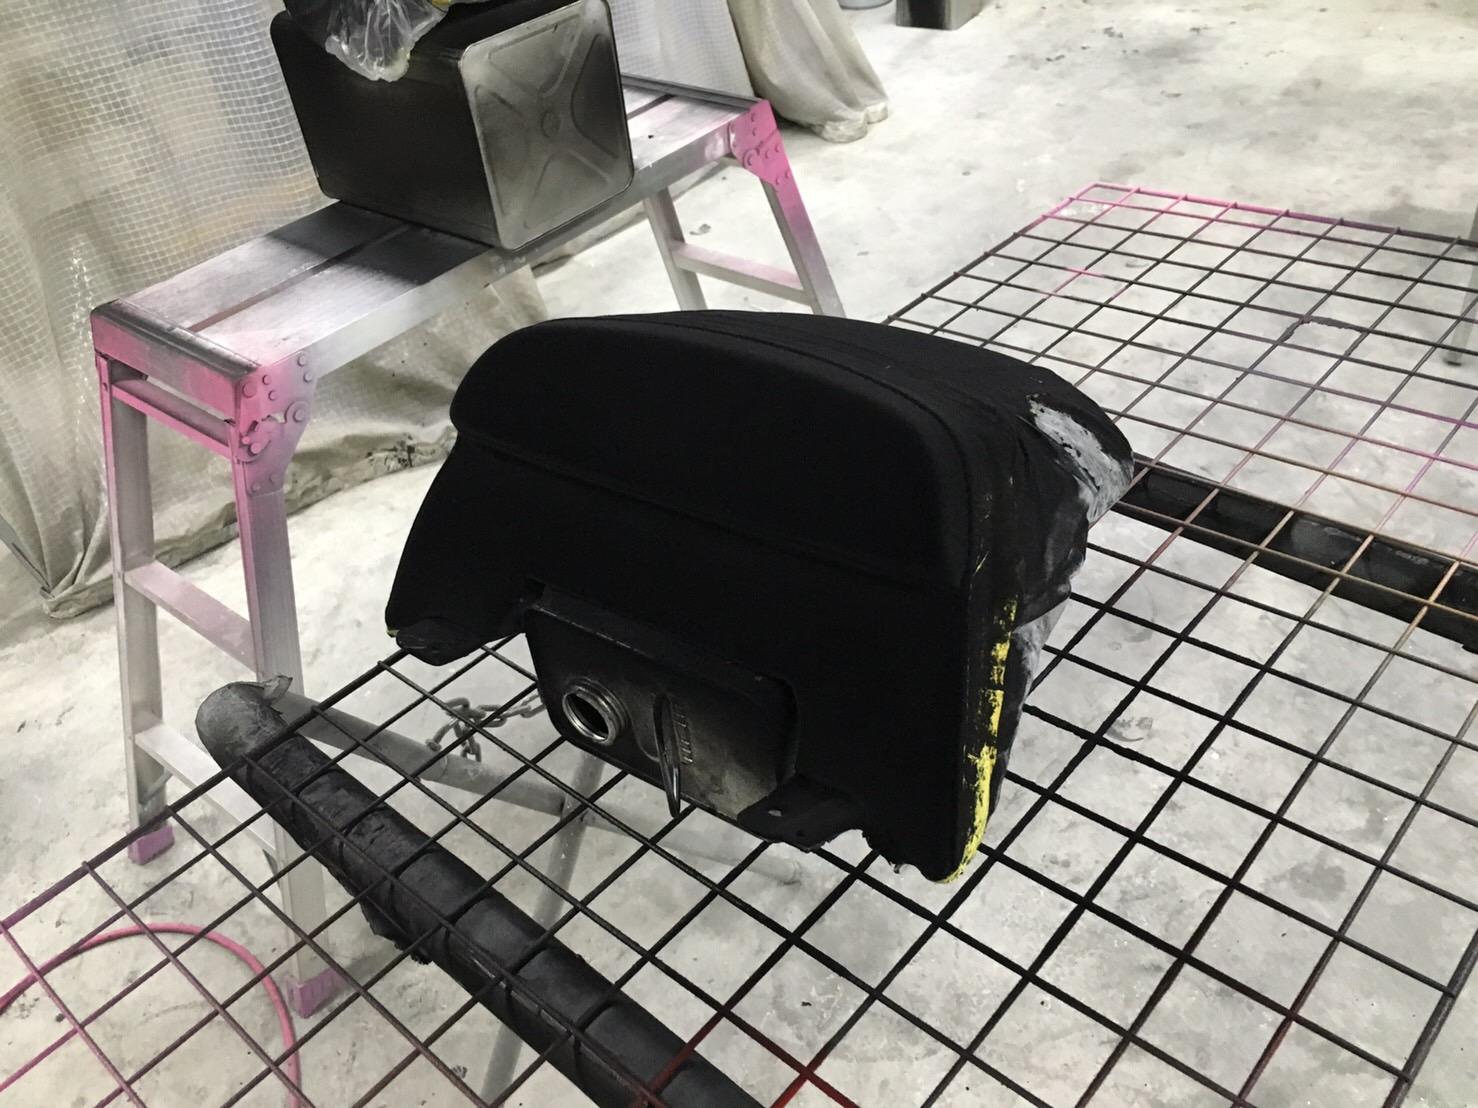 ハーレーダビッドソン VRODマッスル シート植毛塗装 外装マットブラック塗装施工後2